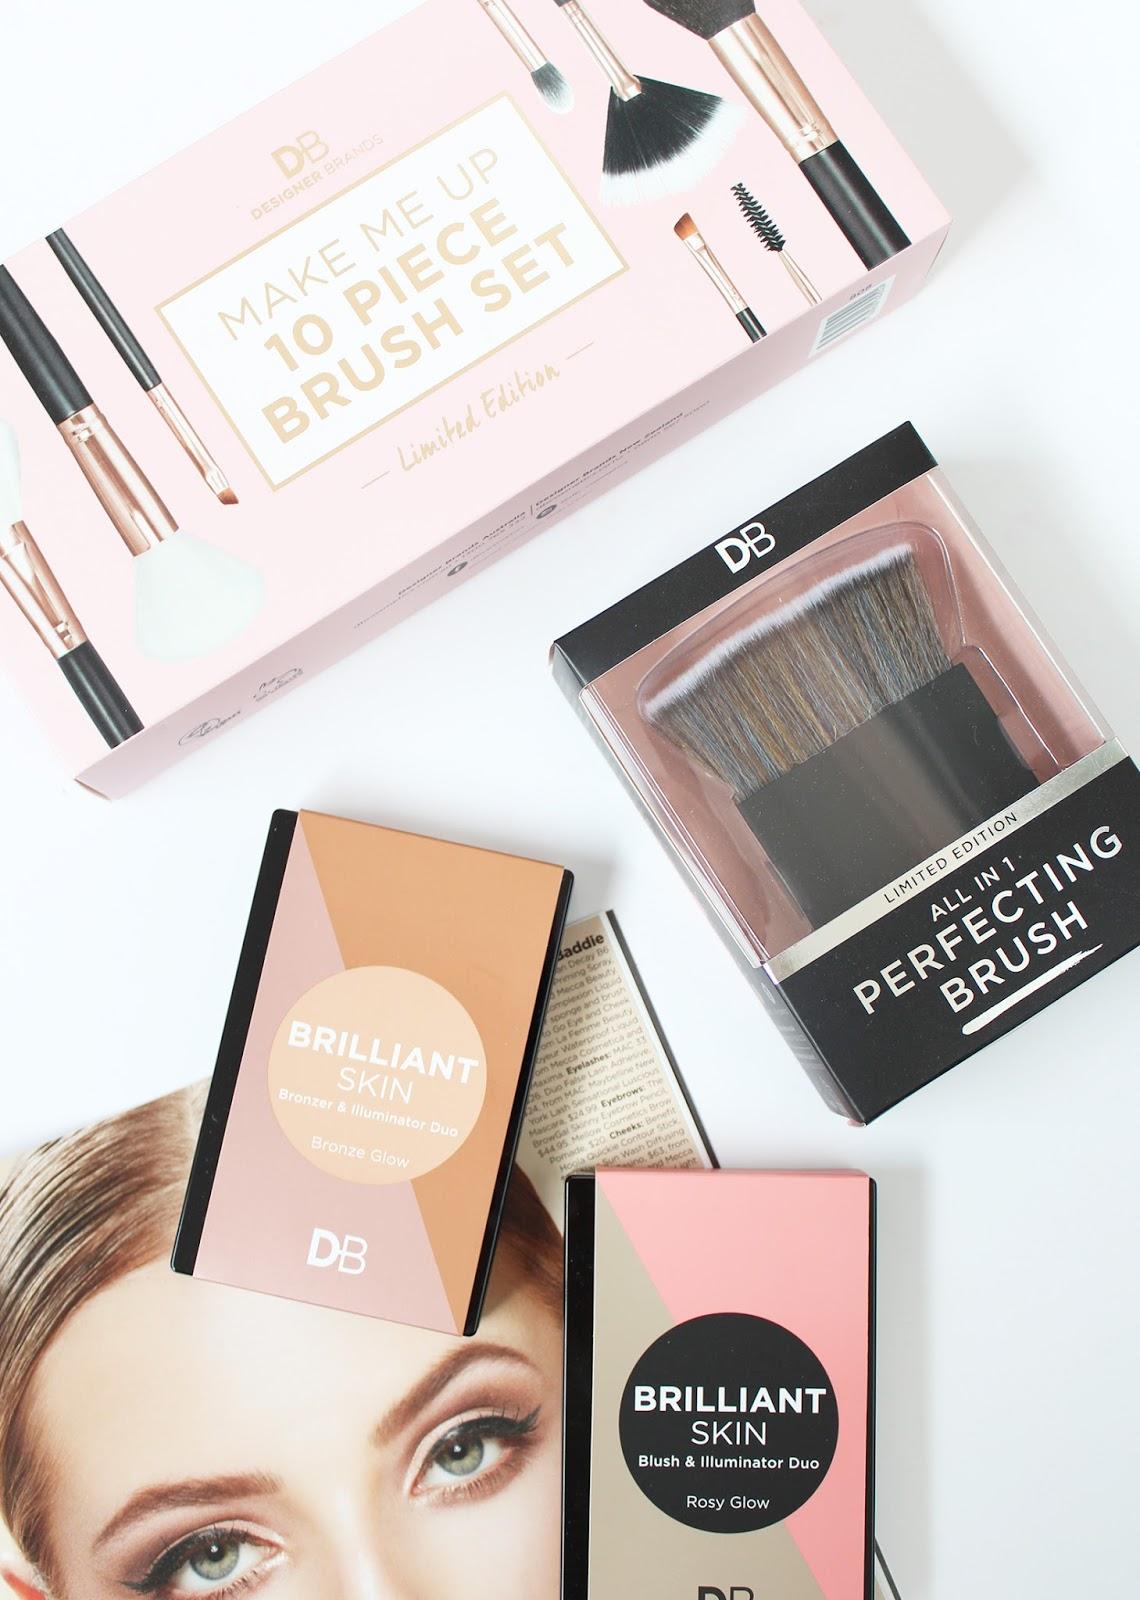 DESIGNER BRANDS   Rose Gold Brush Set + Brilliant Skin Palettes - CassandraMyee